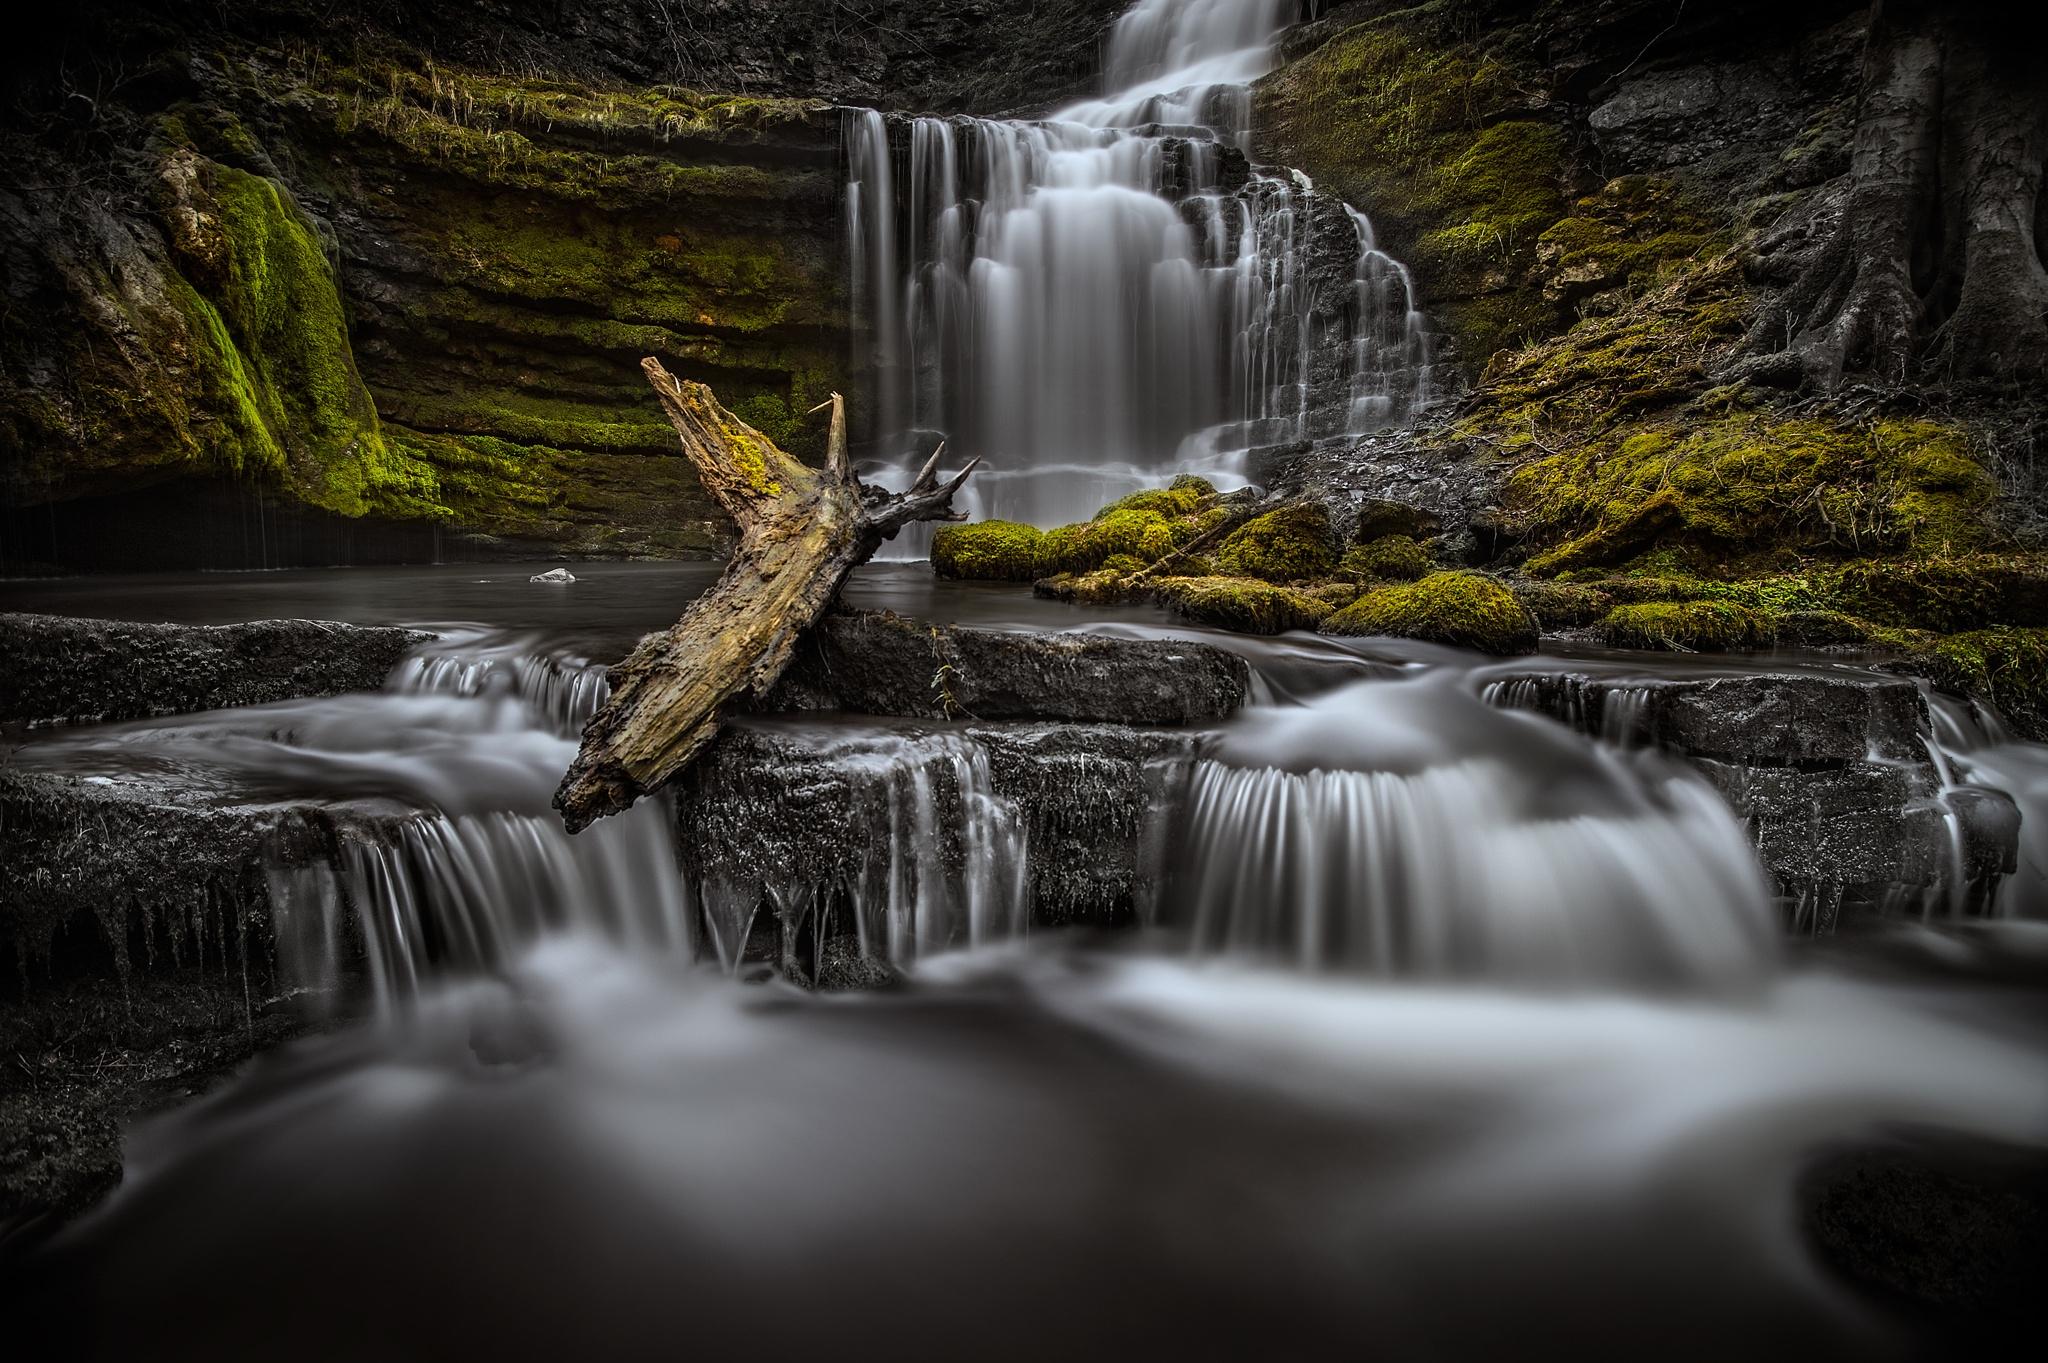 водопад осень вода брызги камни загрузить